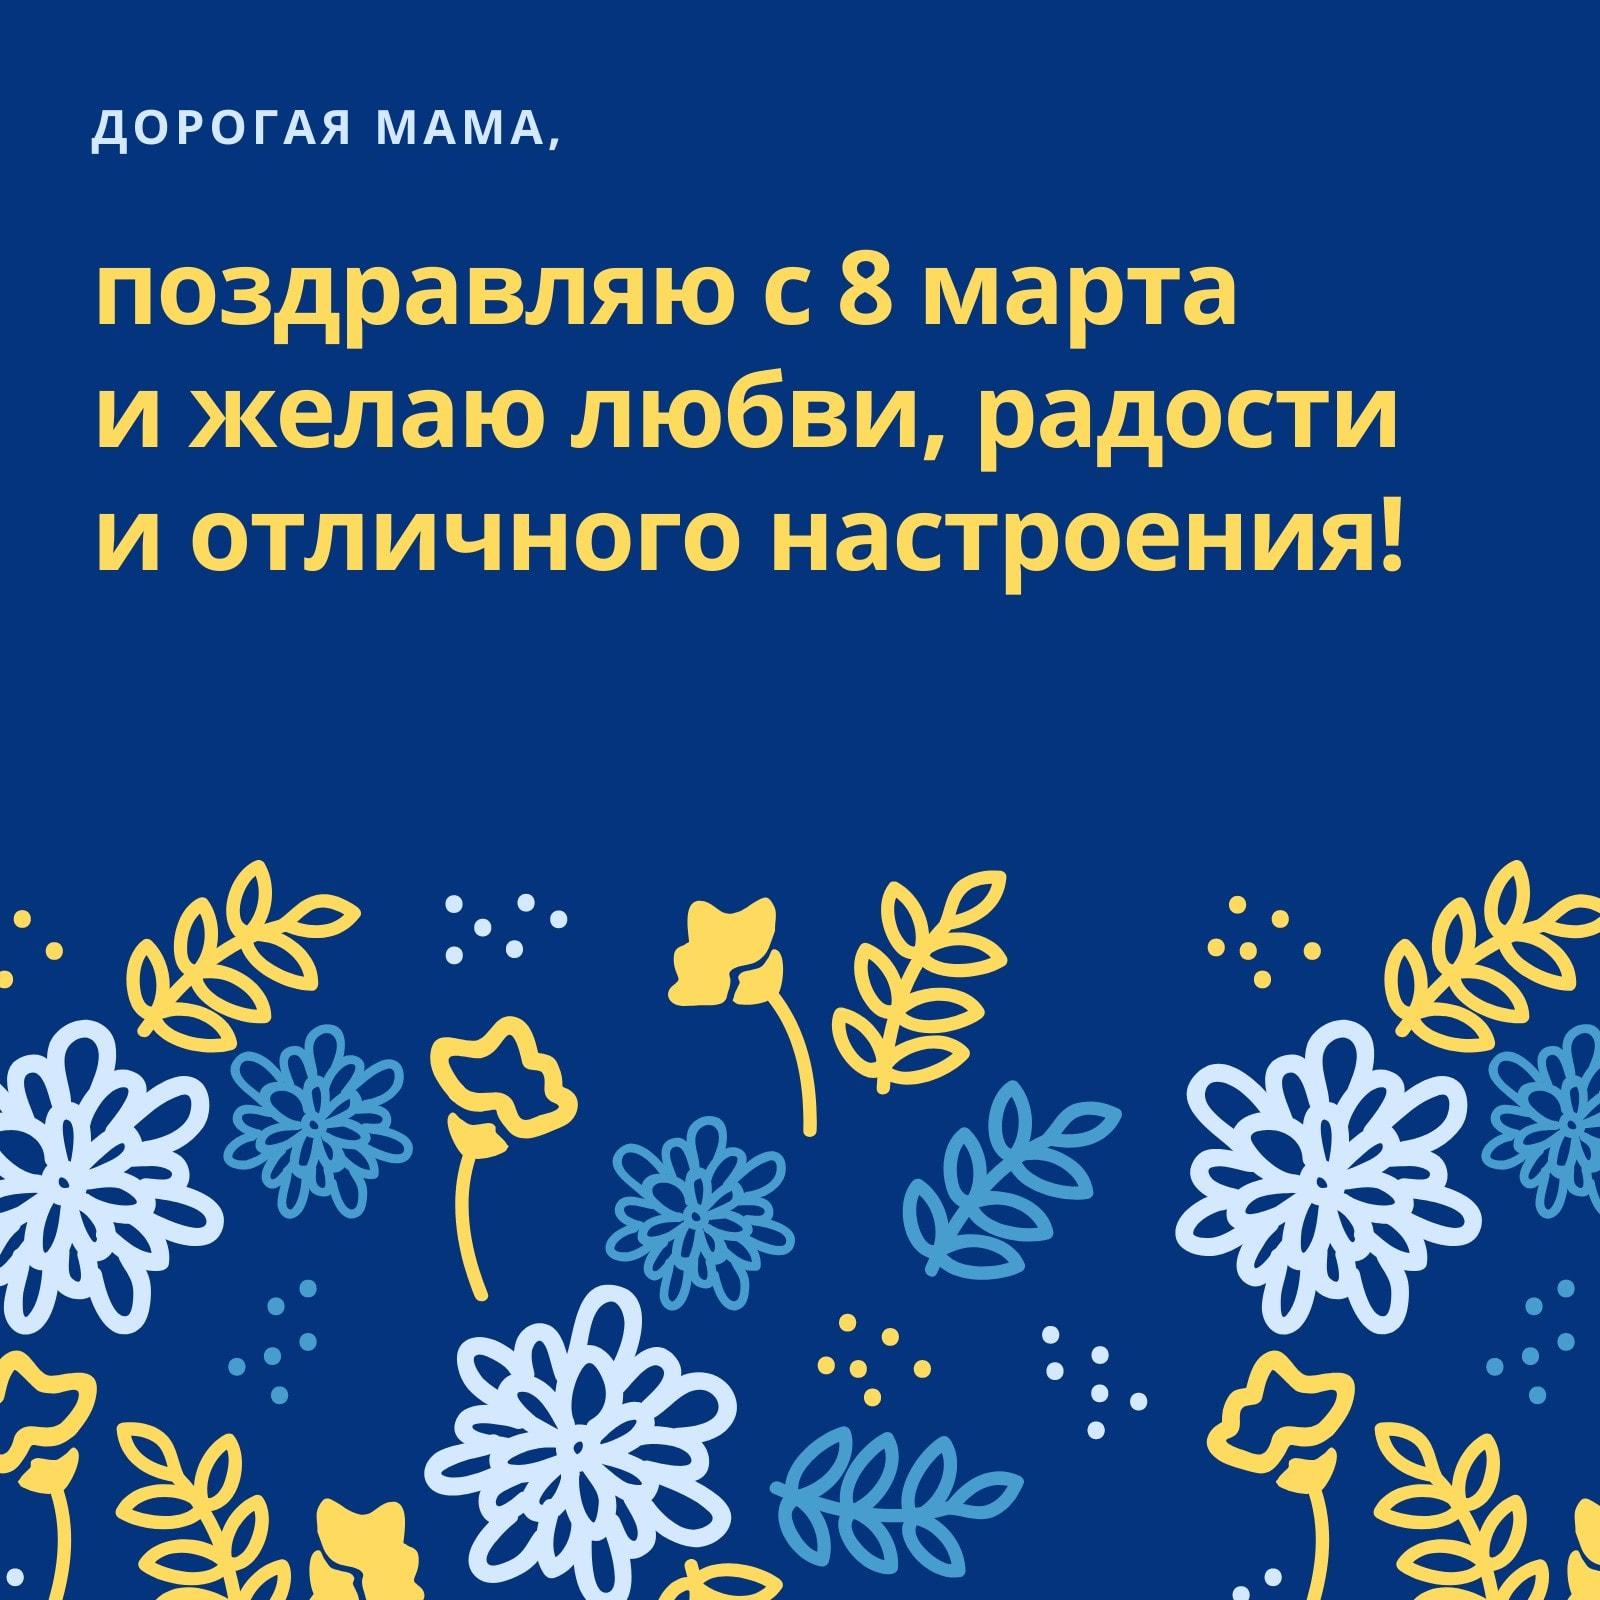 Пост для Инстаграма к 8 марта для мамы на синем фоне с разноцветными рисунками цветов